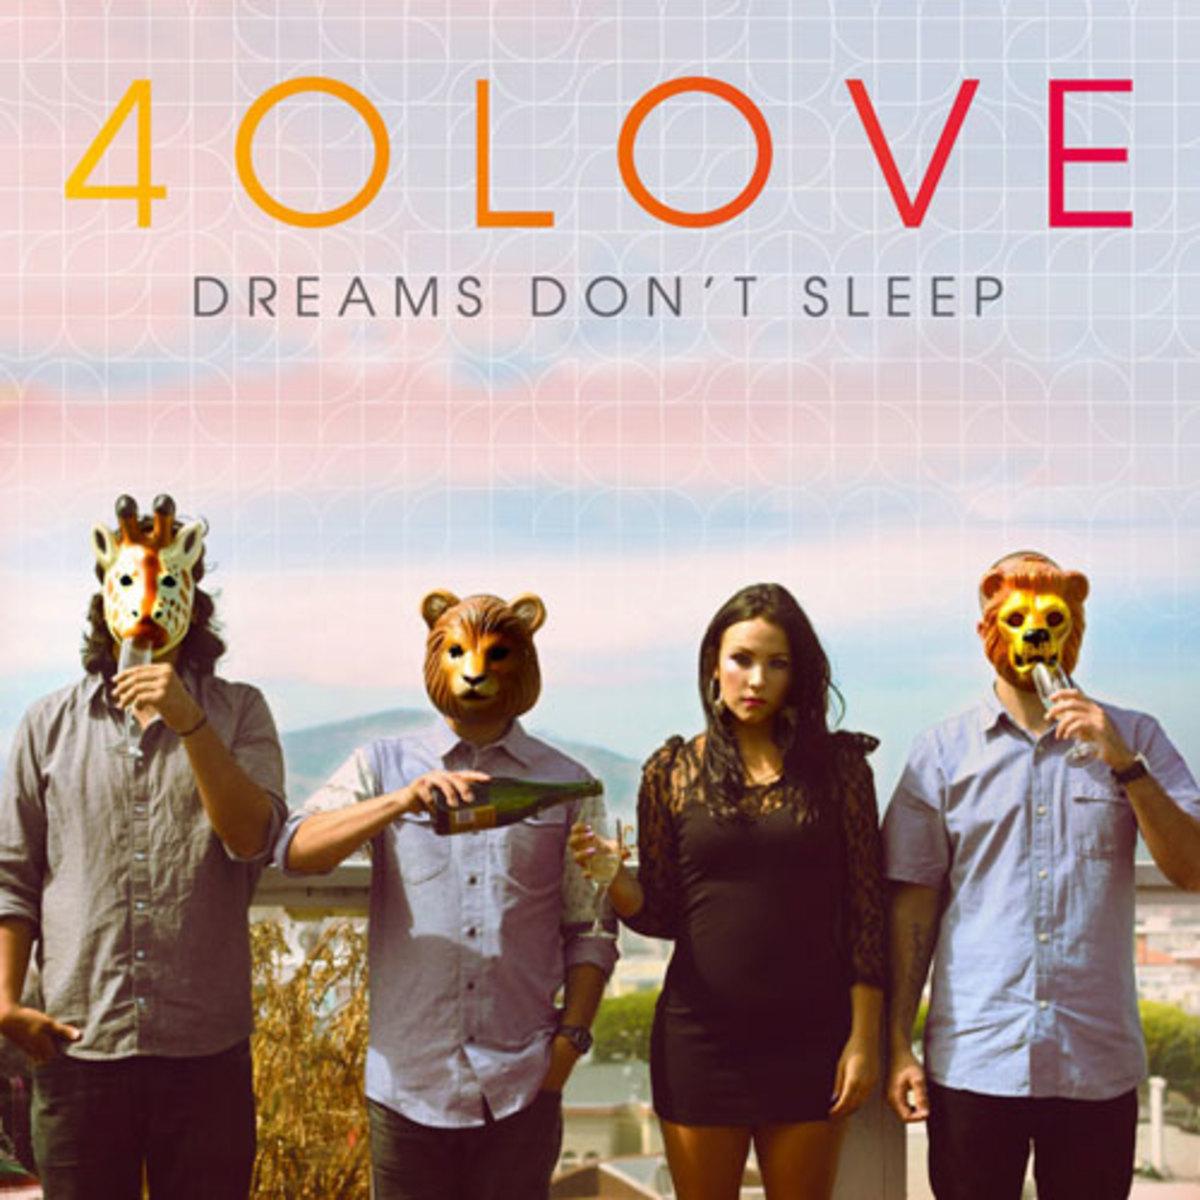 40love-dreamsdontsleep.jpg